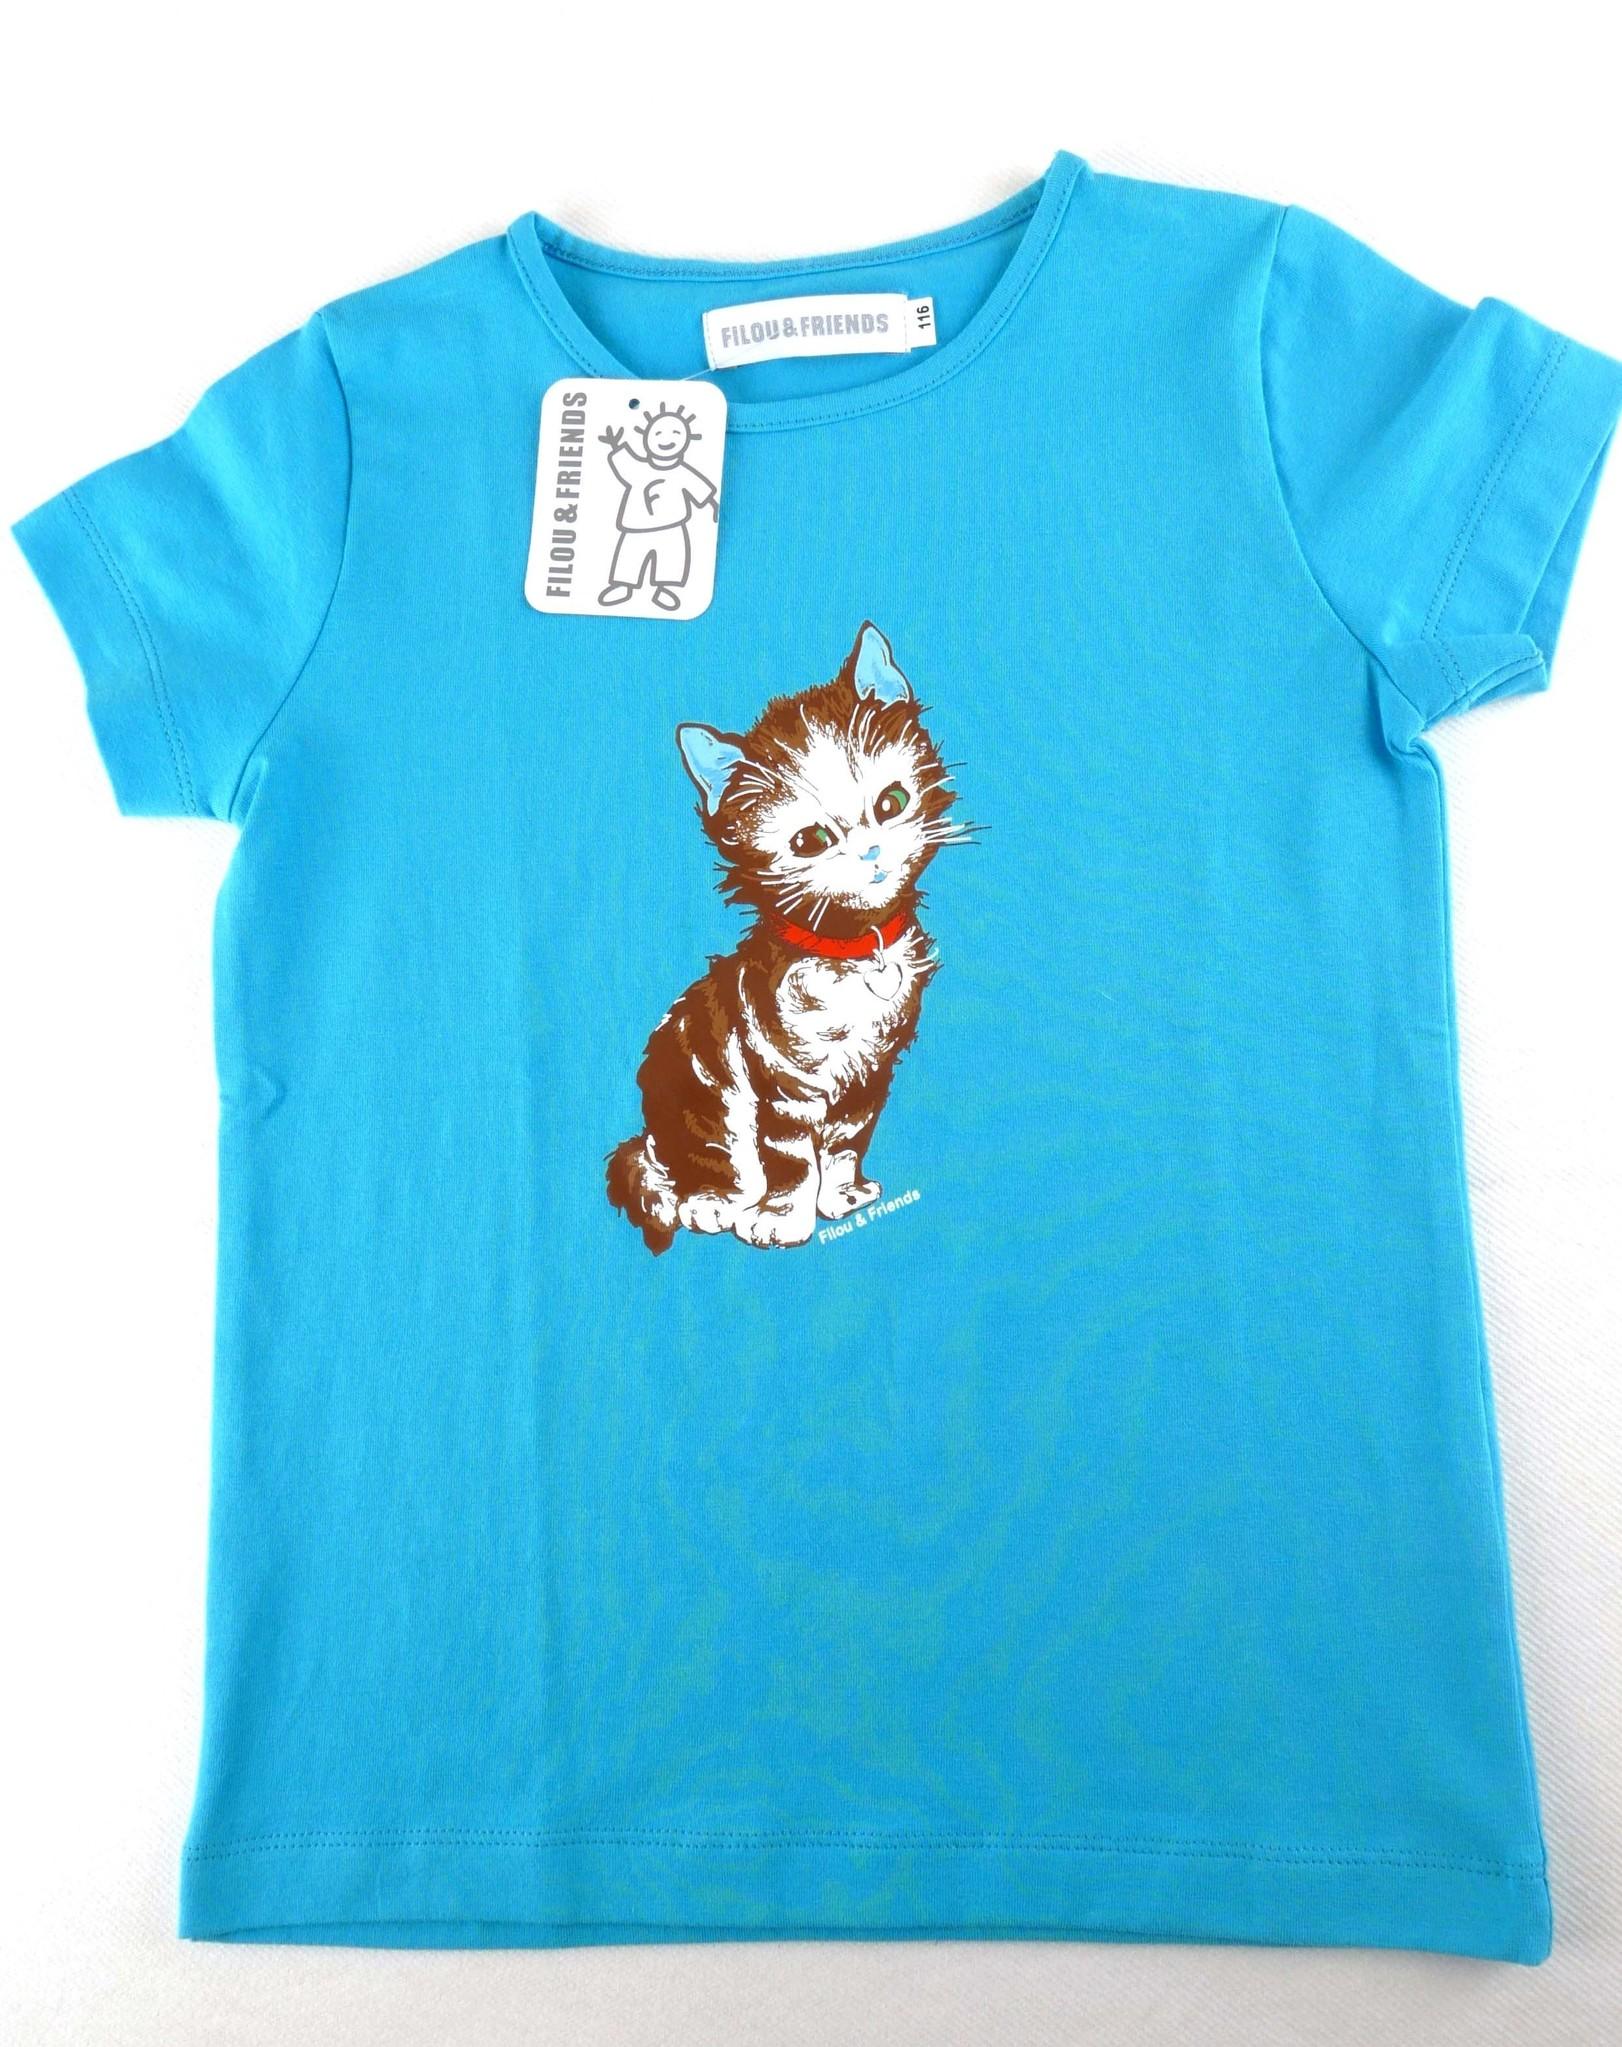 Nieuwe t-shirt Filou & Friends-1